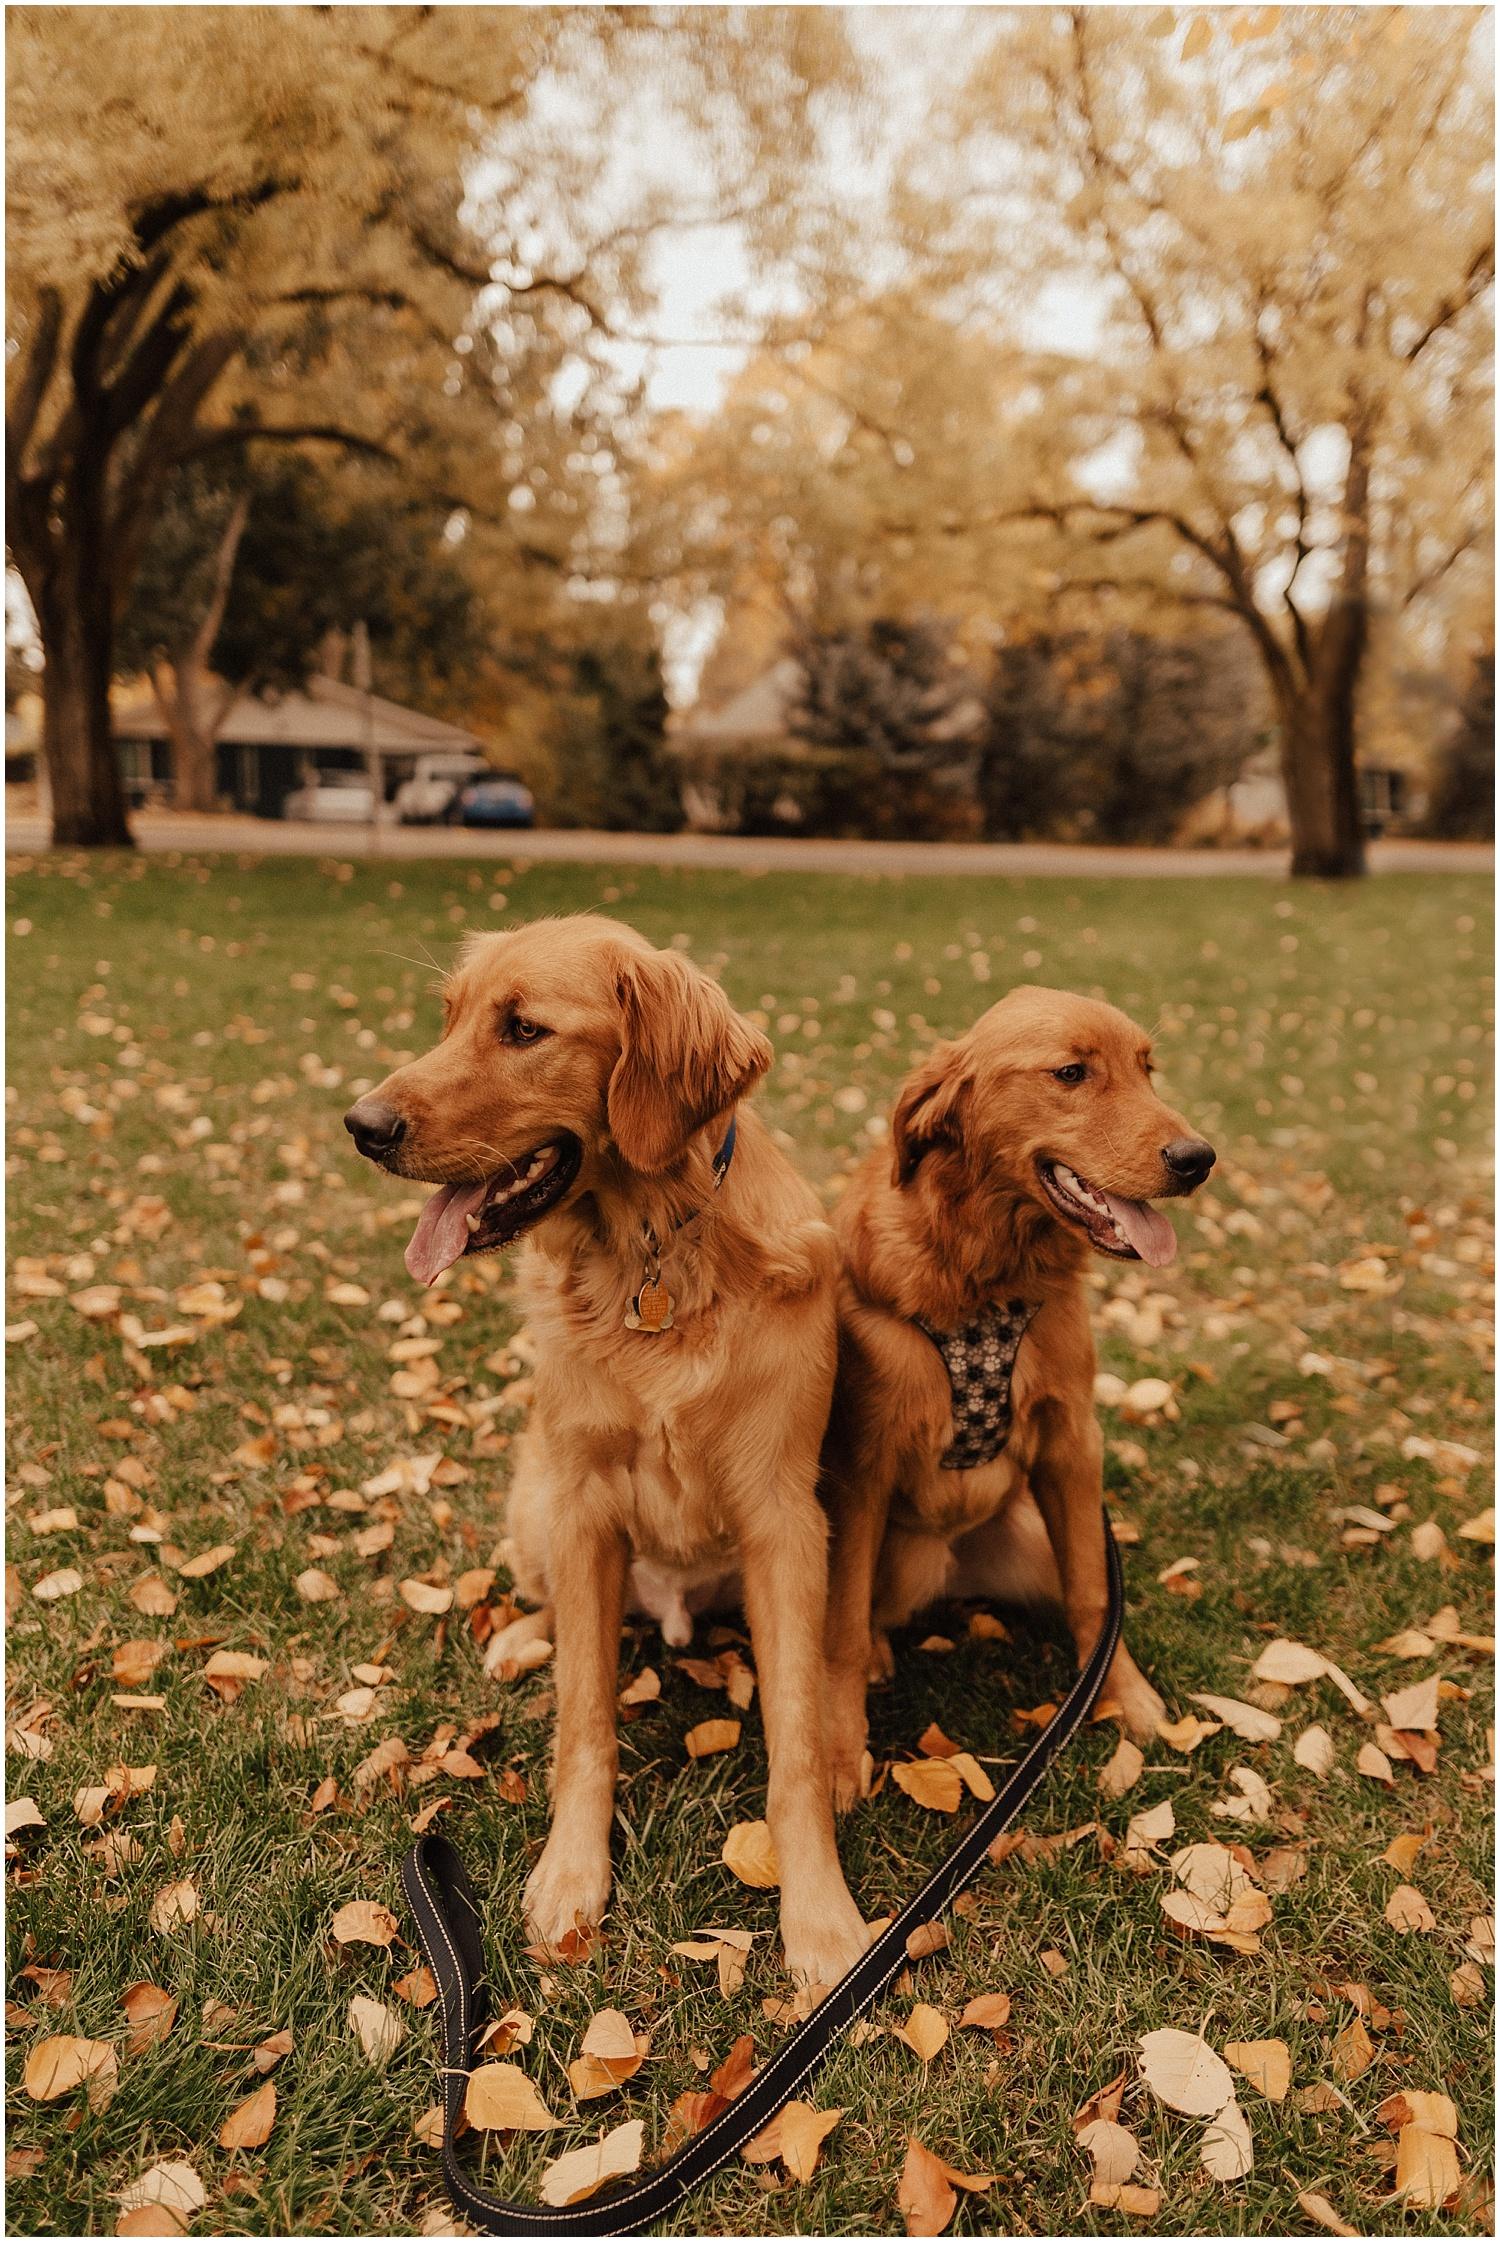 idaho-fall-winter-engagement-golden-retreiver9.jpg